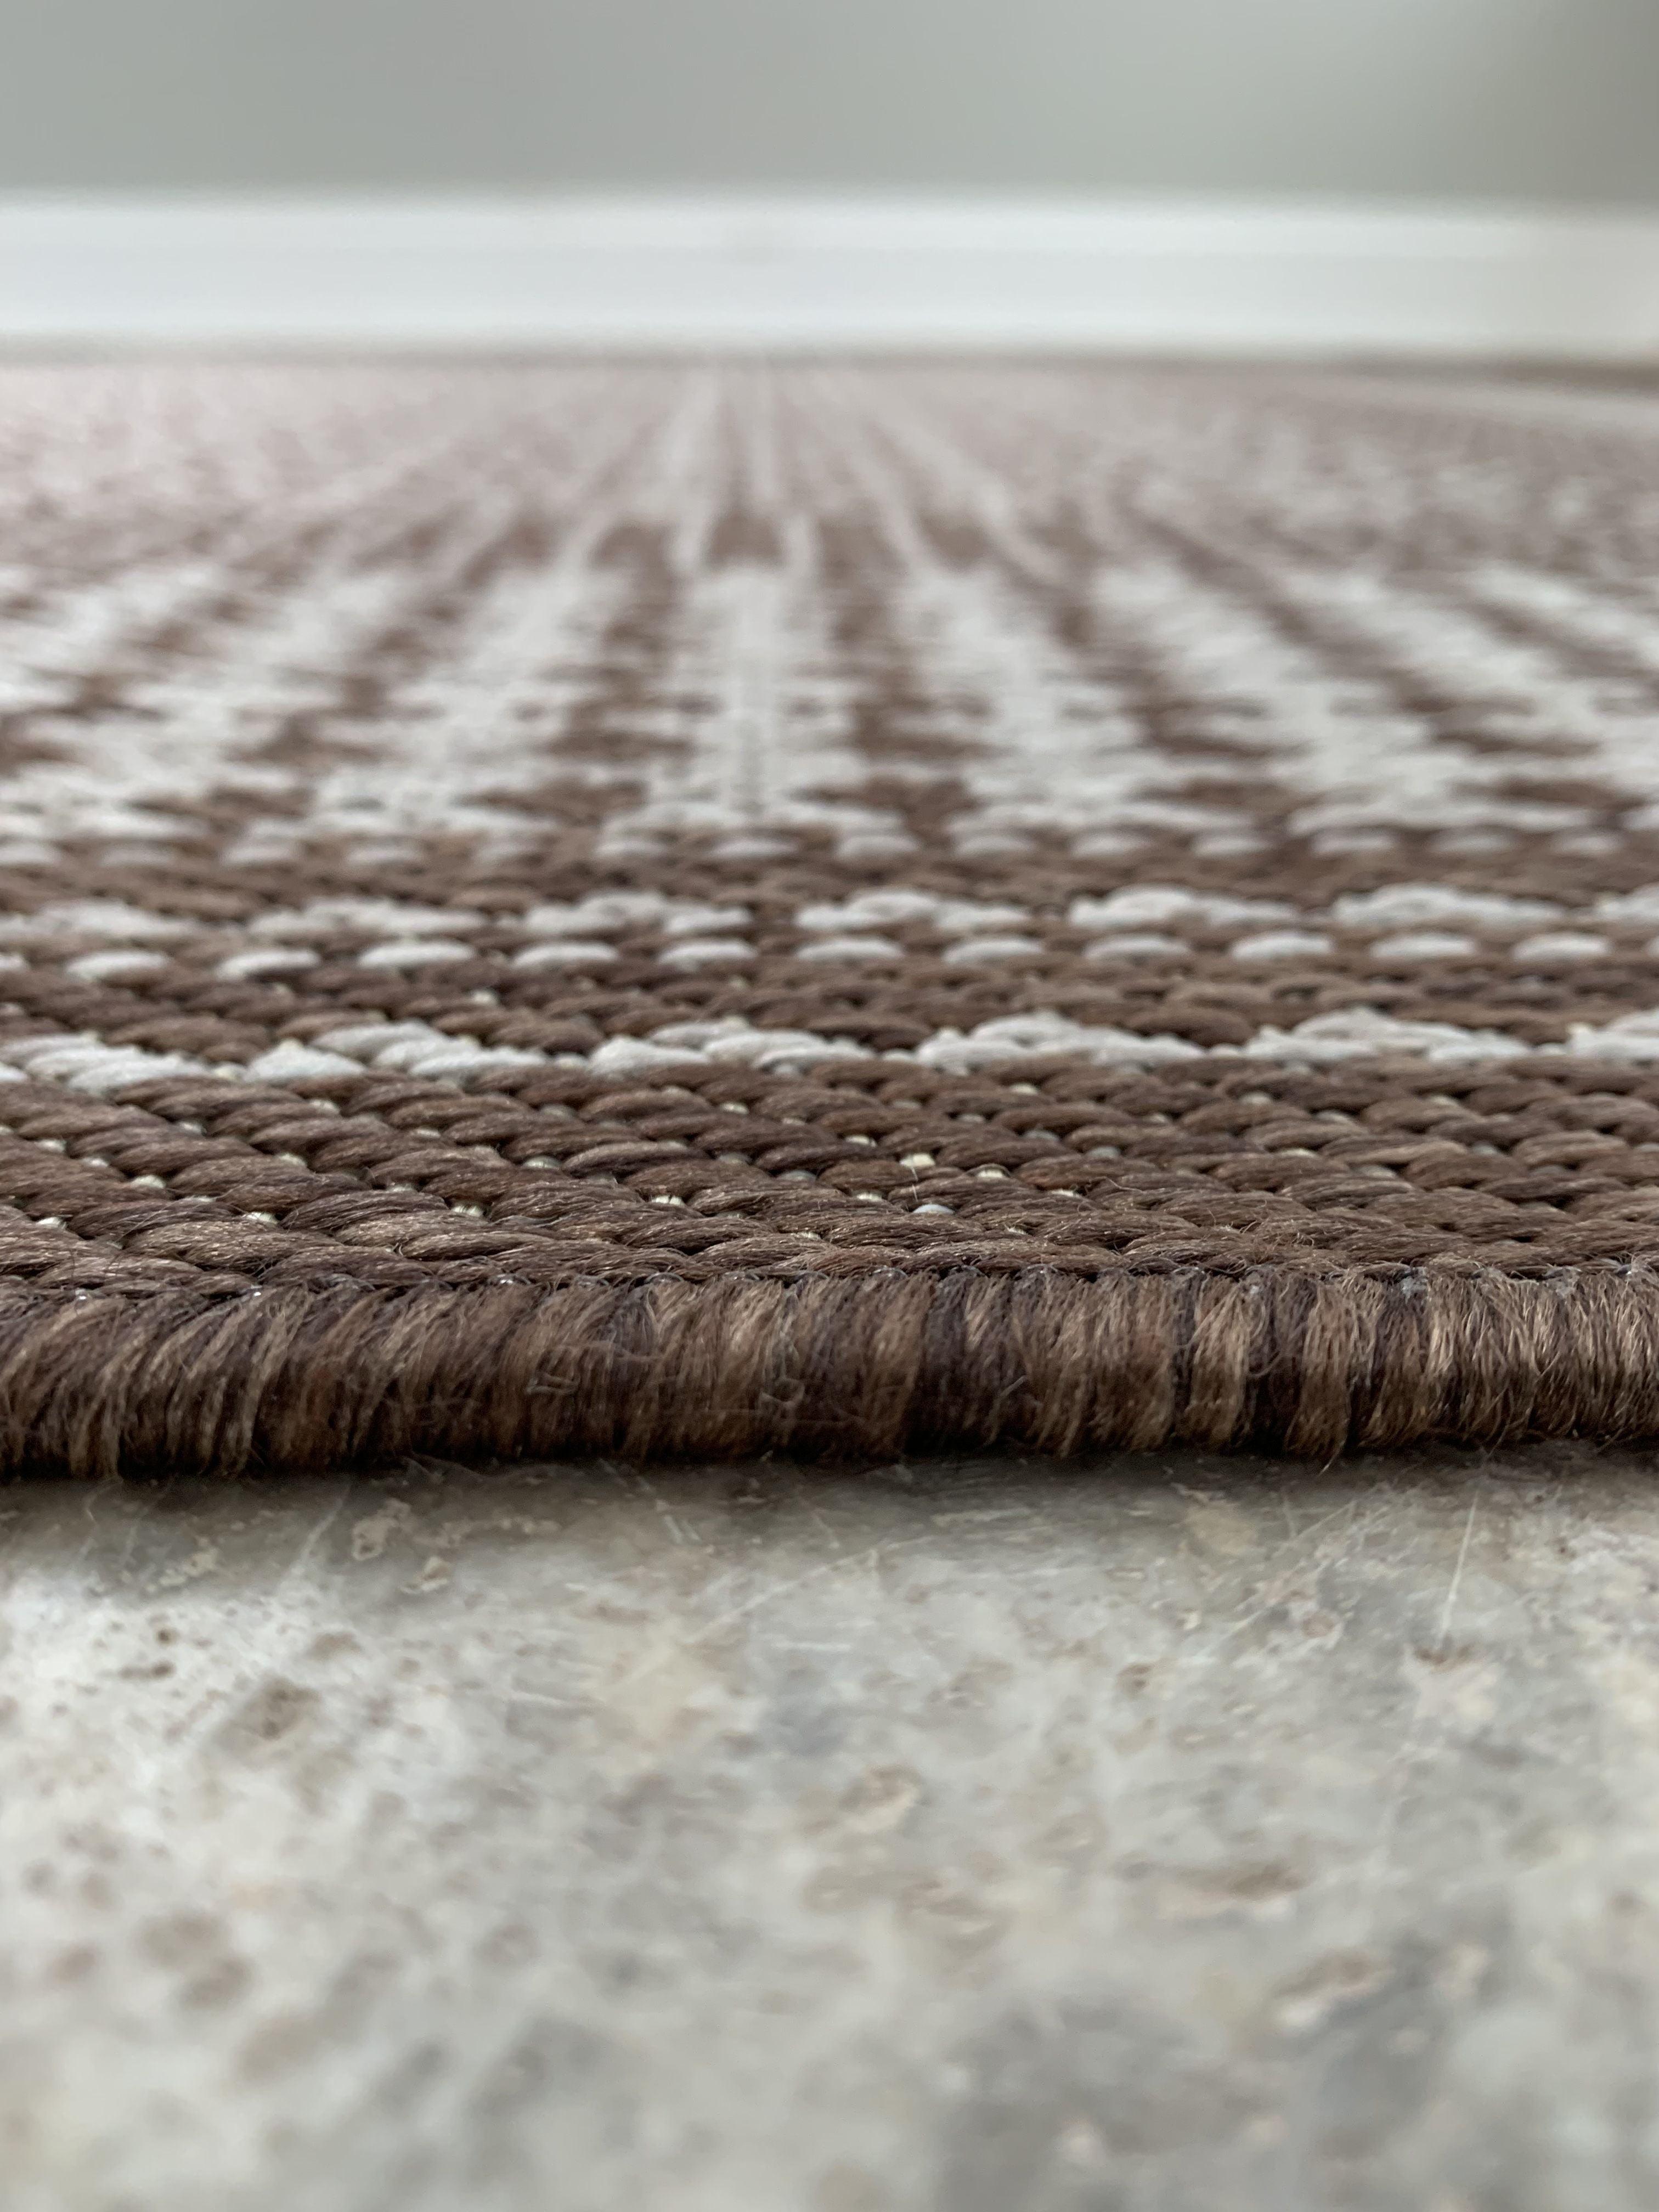 Benissimo Indoor Outdoor Sisal Area Rug for Garage Garden KitchenBeige